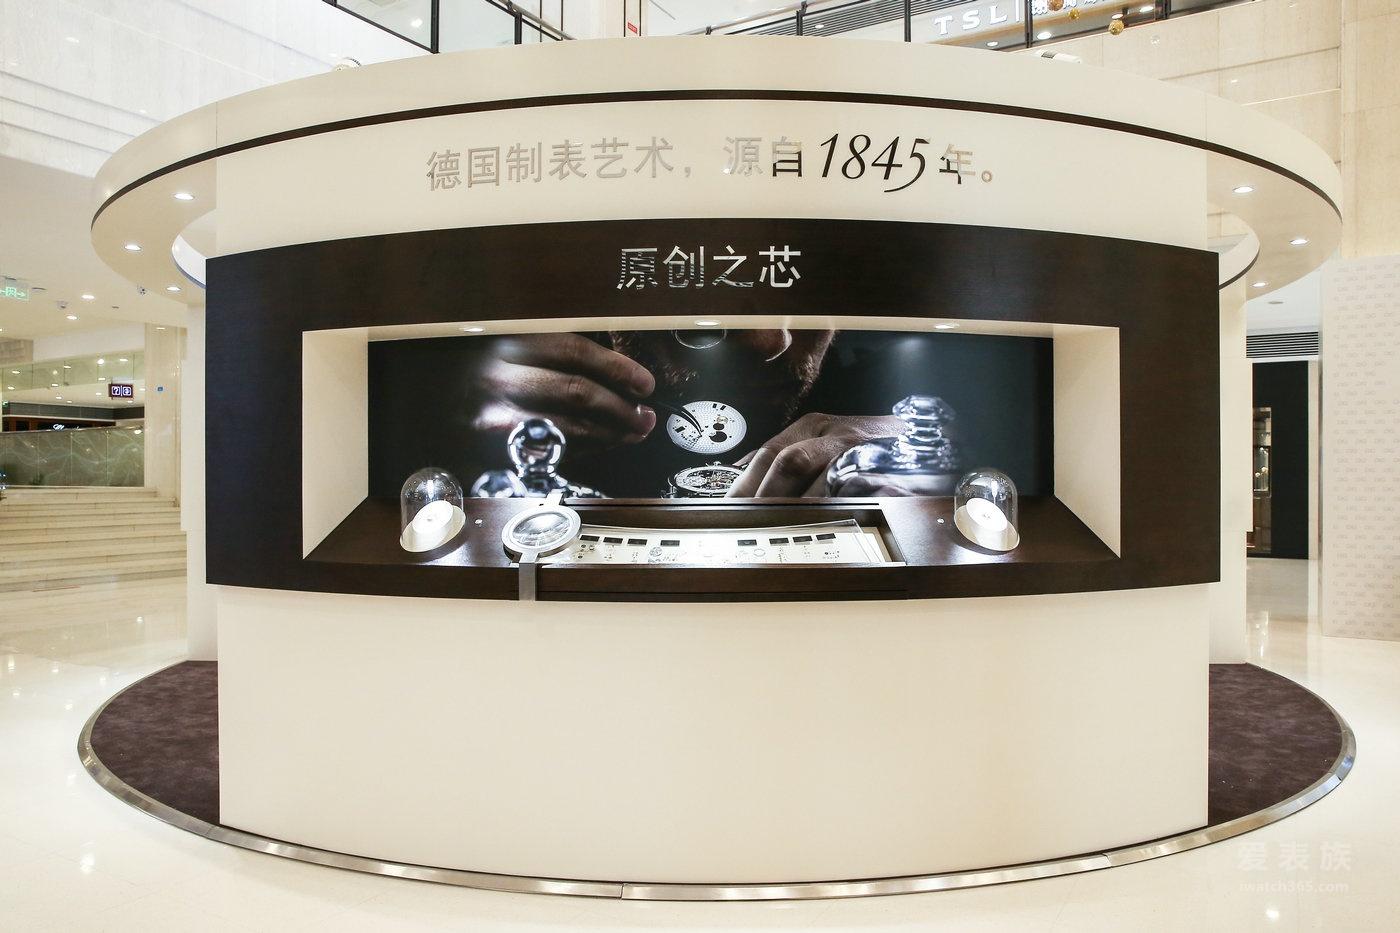 """深度解读机械时间之谜 """"格拉苏蒂原创之芯——360度全视角特别展览""""杭州开启"""